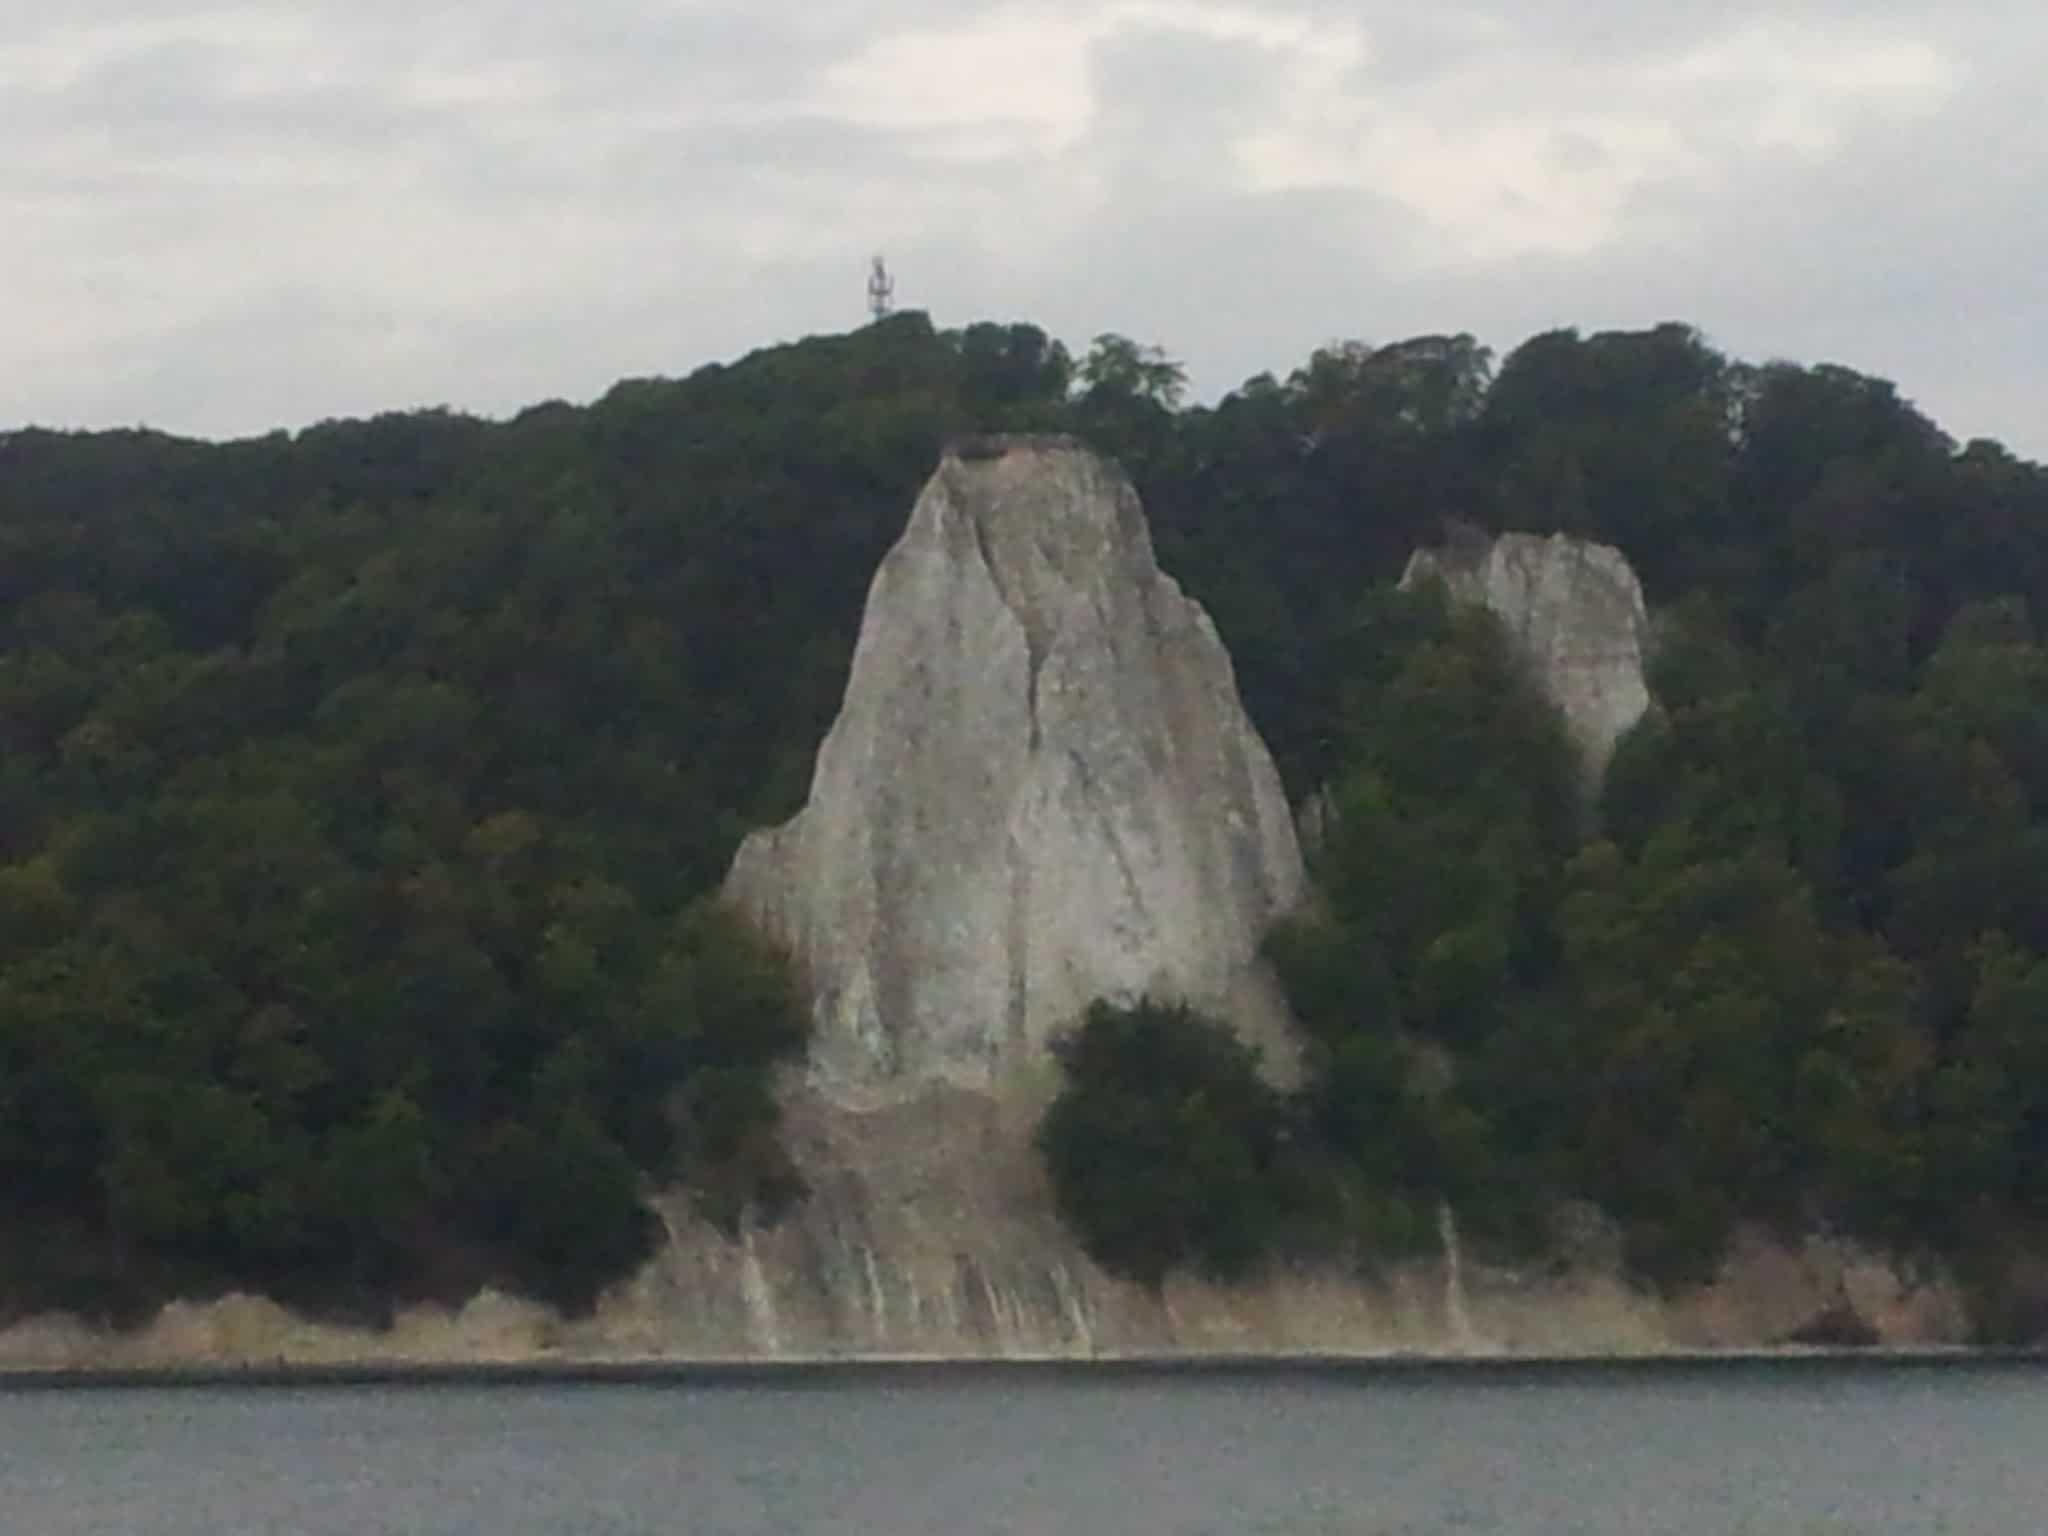 Bild von den Kreidefelsen auf Rügen (Königsstuhl)